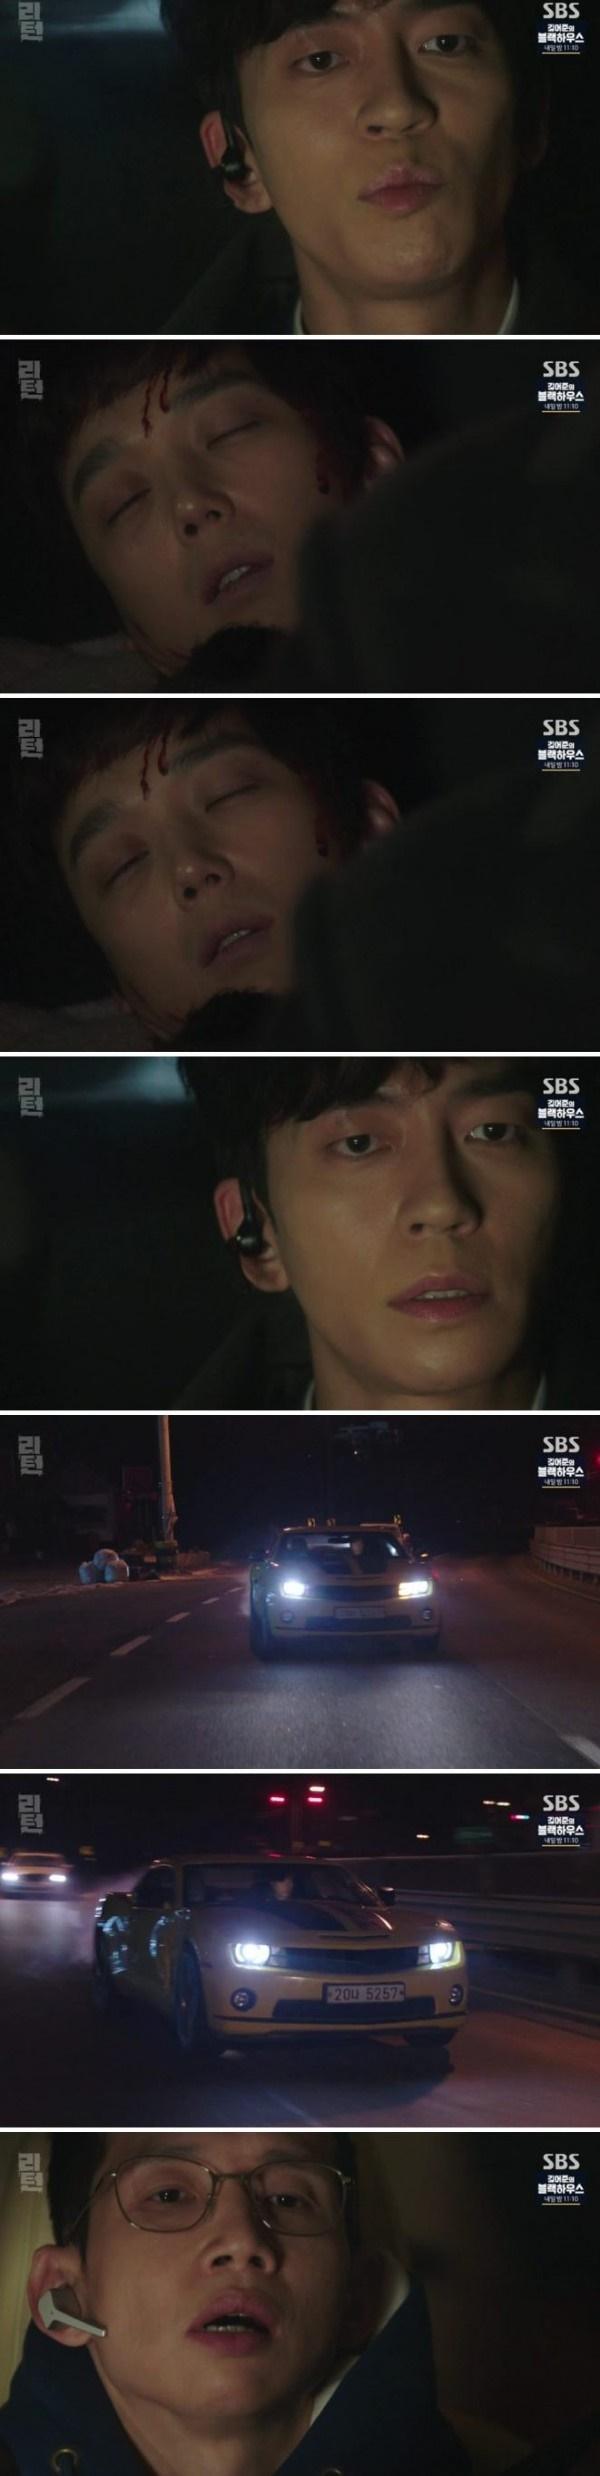 'Return' - Netizen Hàn đã nói gì về bộ phim hình sự hot nhất hiện nay?-6